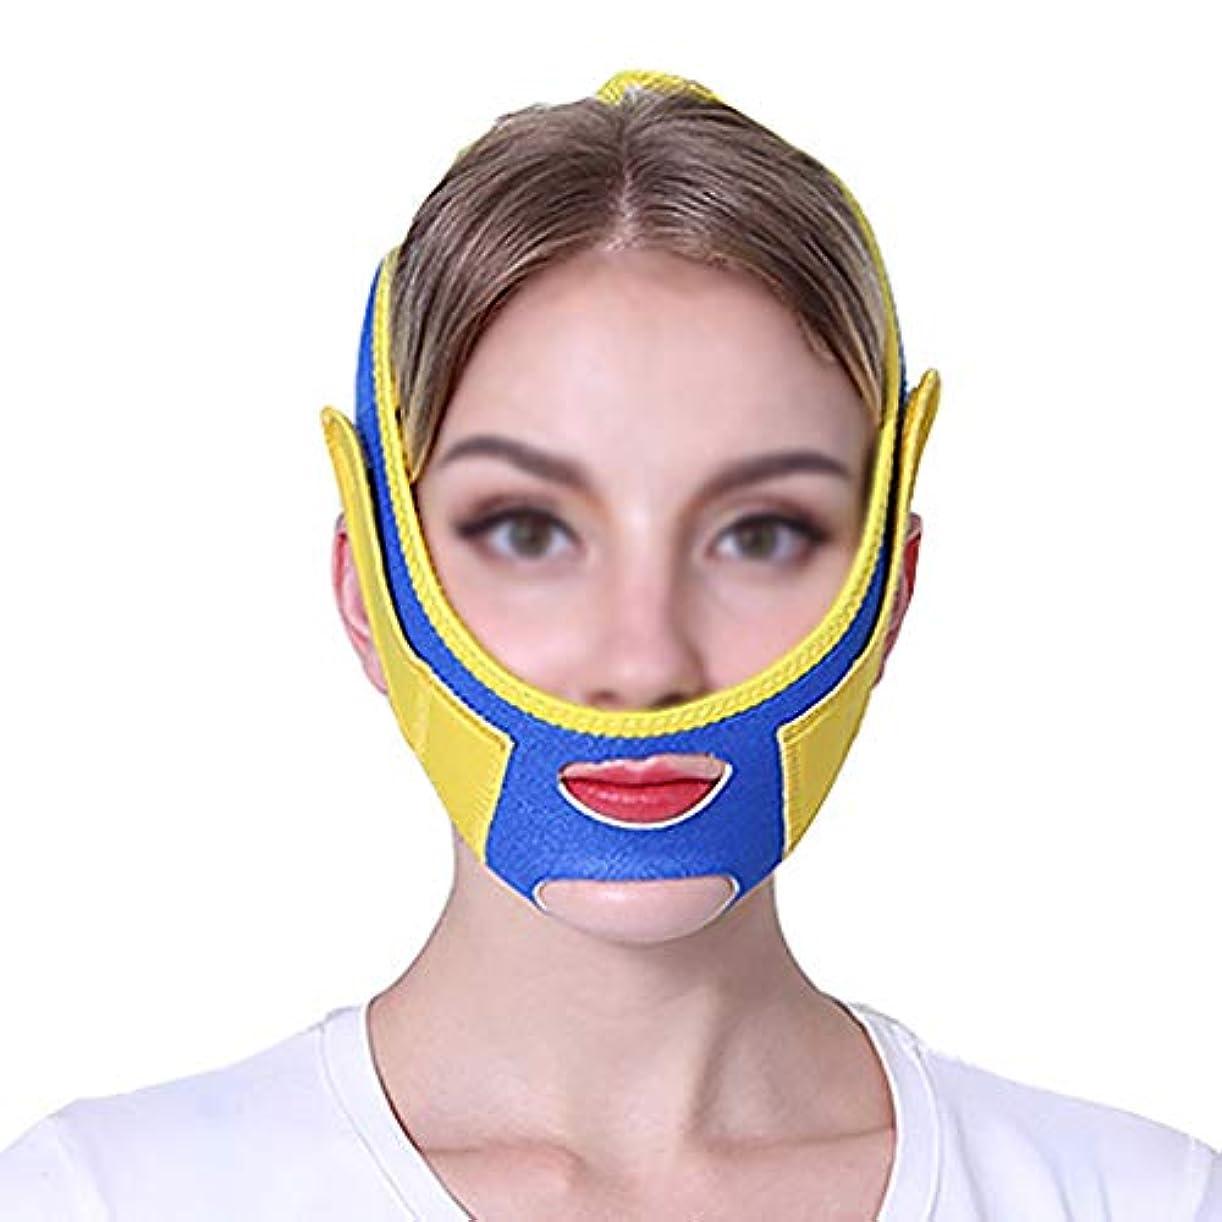 マニアがんばり続ける醜いGLJJQMY ファーミングマスクスモールvフェイスアーティファクトリフティングマスクフェイスリフティングフェイスリフティングマスクファーミングクリームフェイシャルリフティング包帯 顔用整形マスク